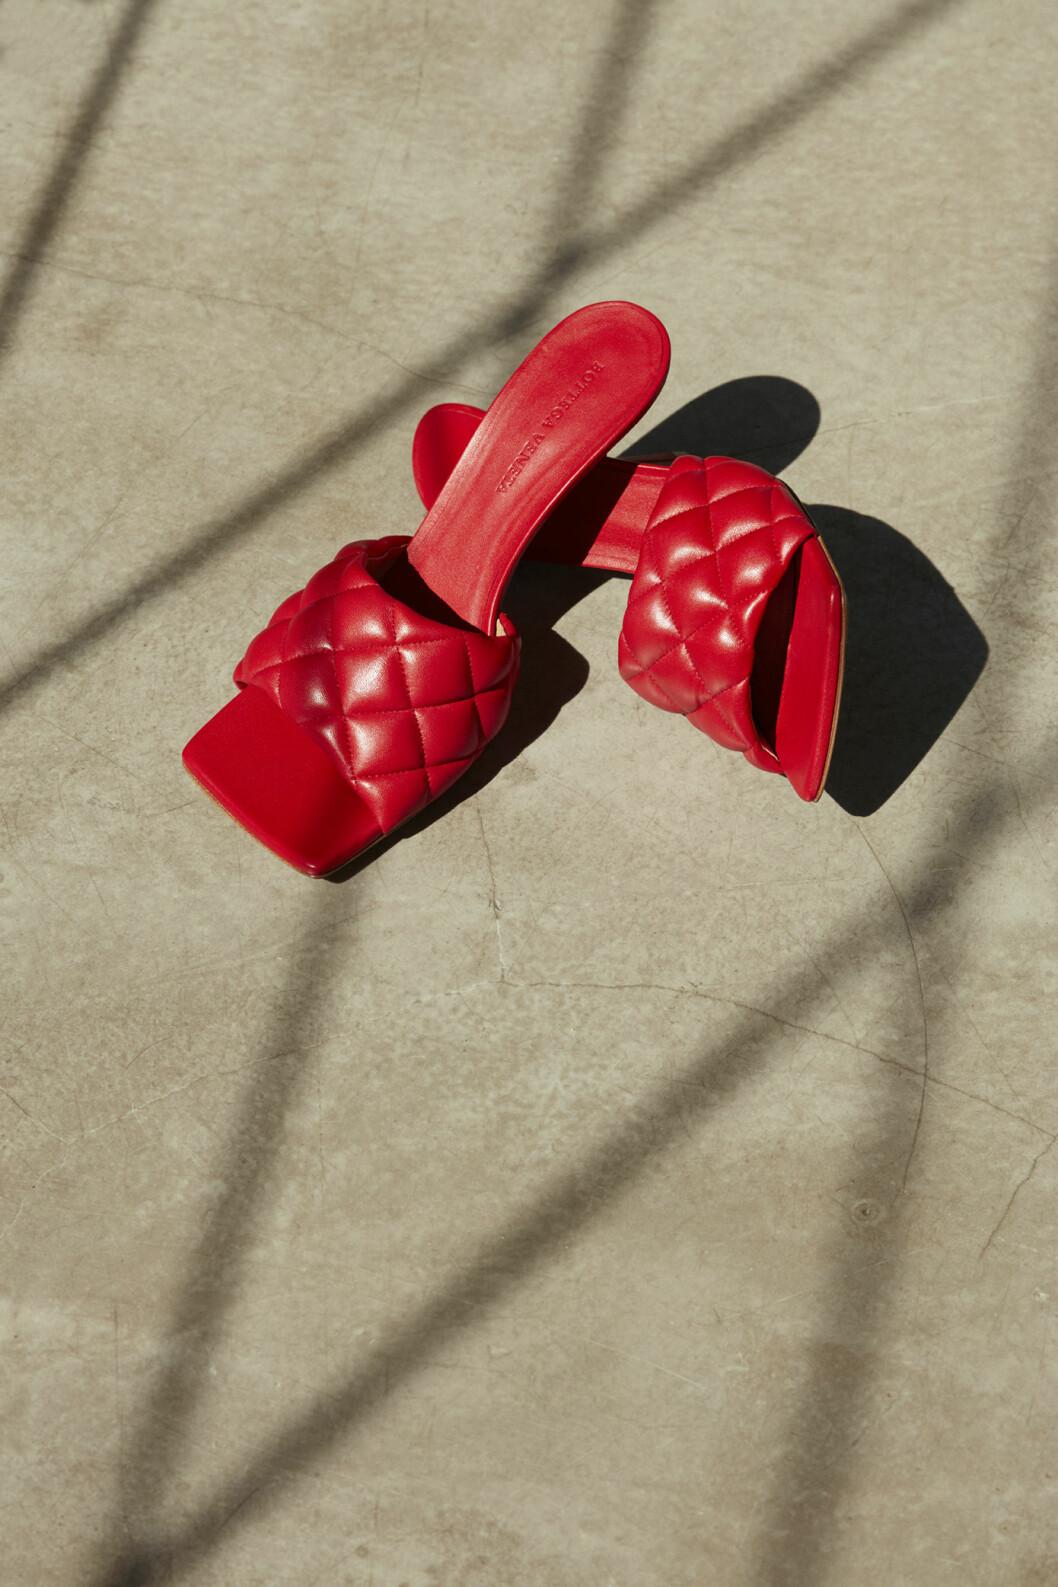 Klackskor från den exklusiva minikollektionen Bottega Veneta x Mytheresa.